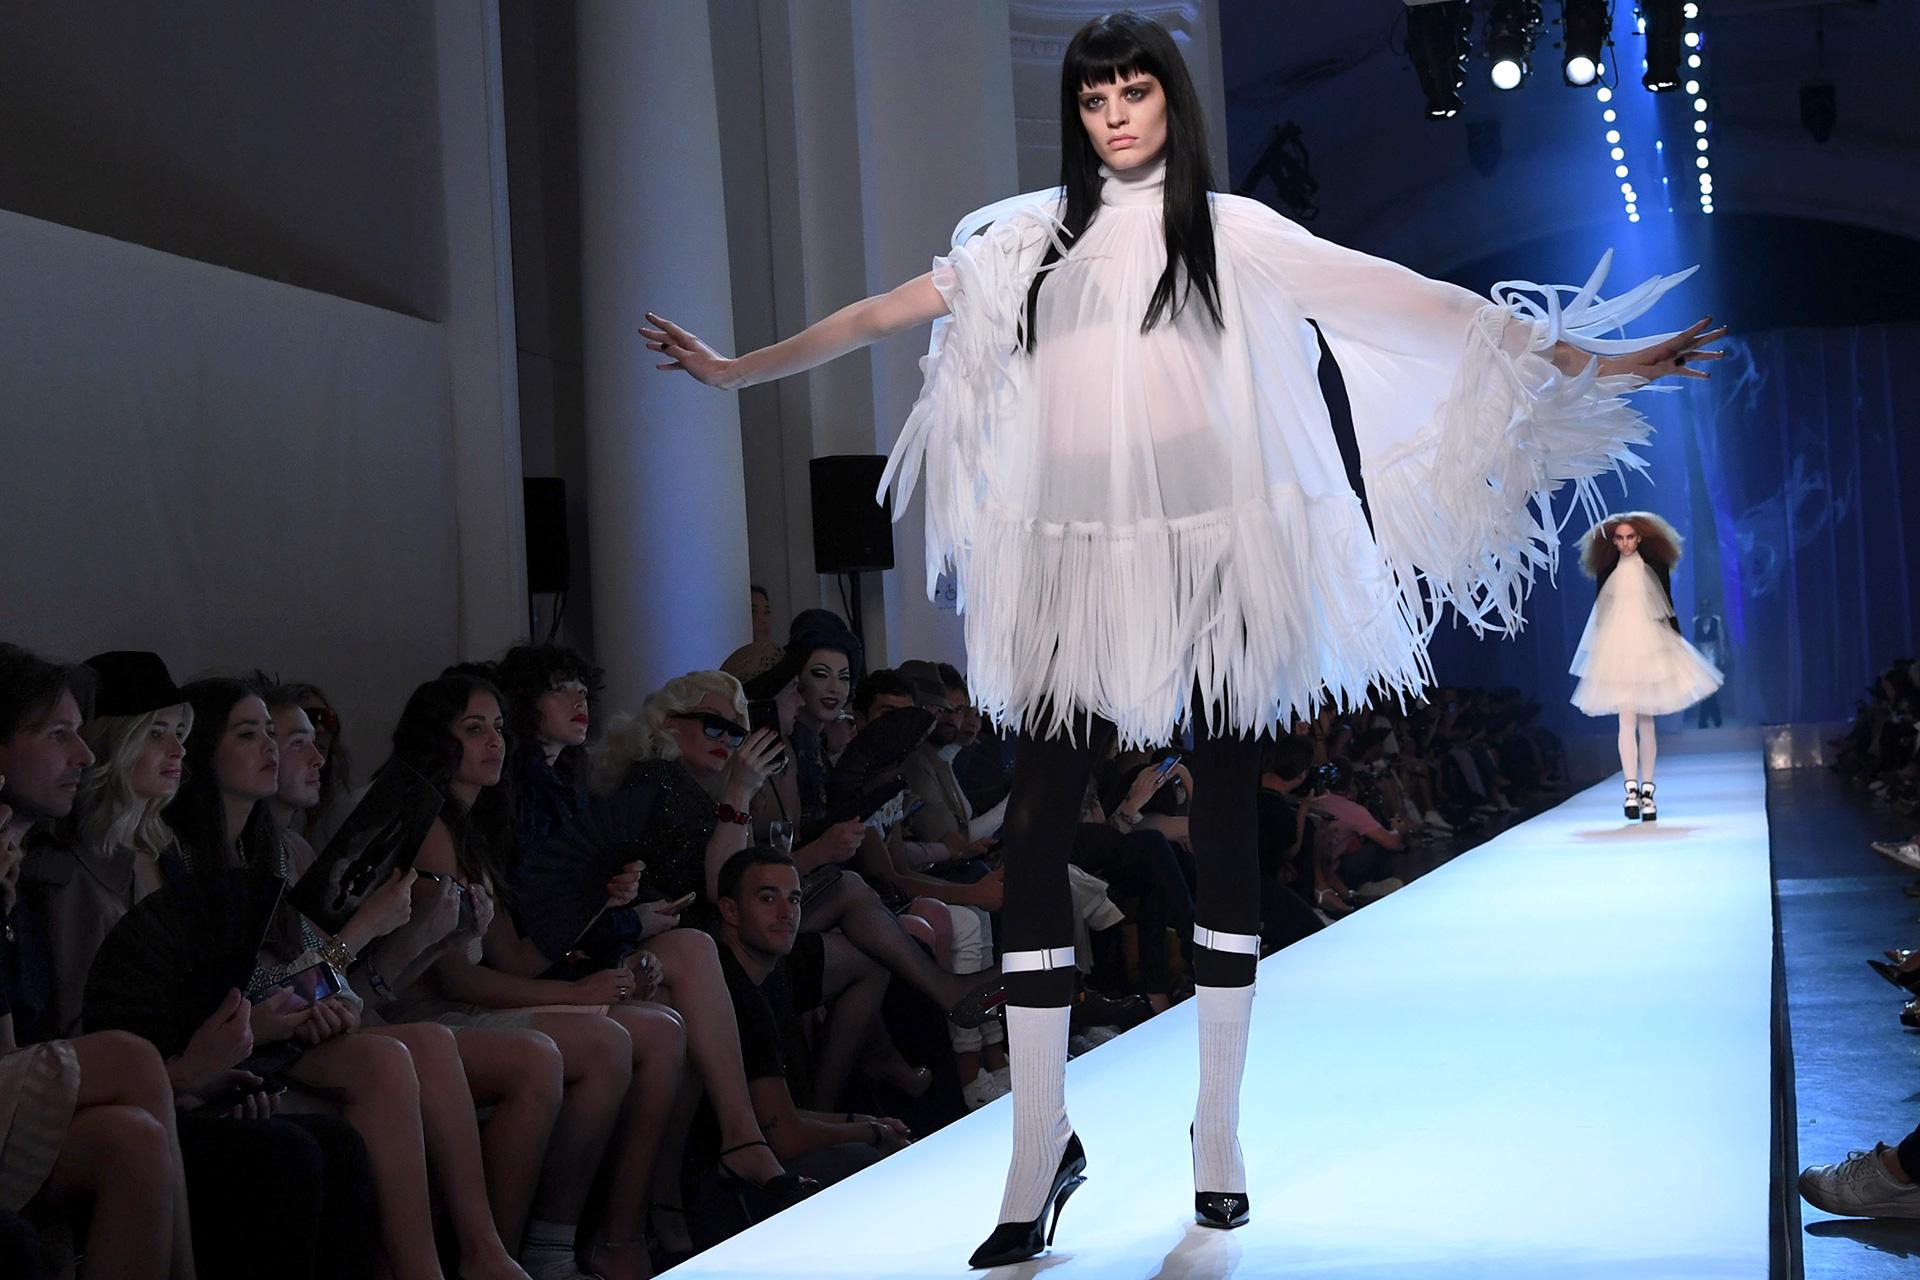 El look se fusionó con prendas de alta costura con juego de texturas y materiales